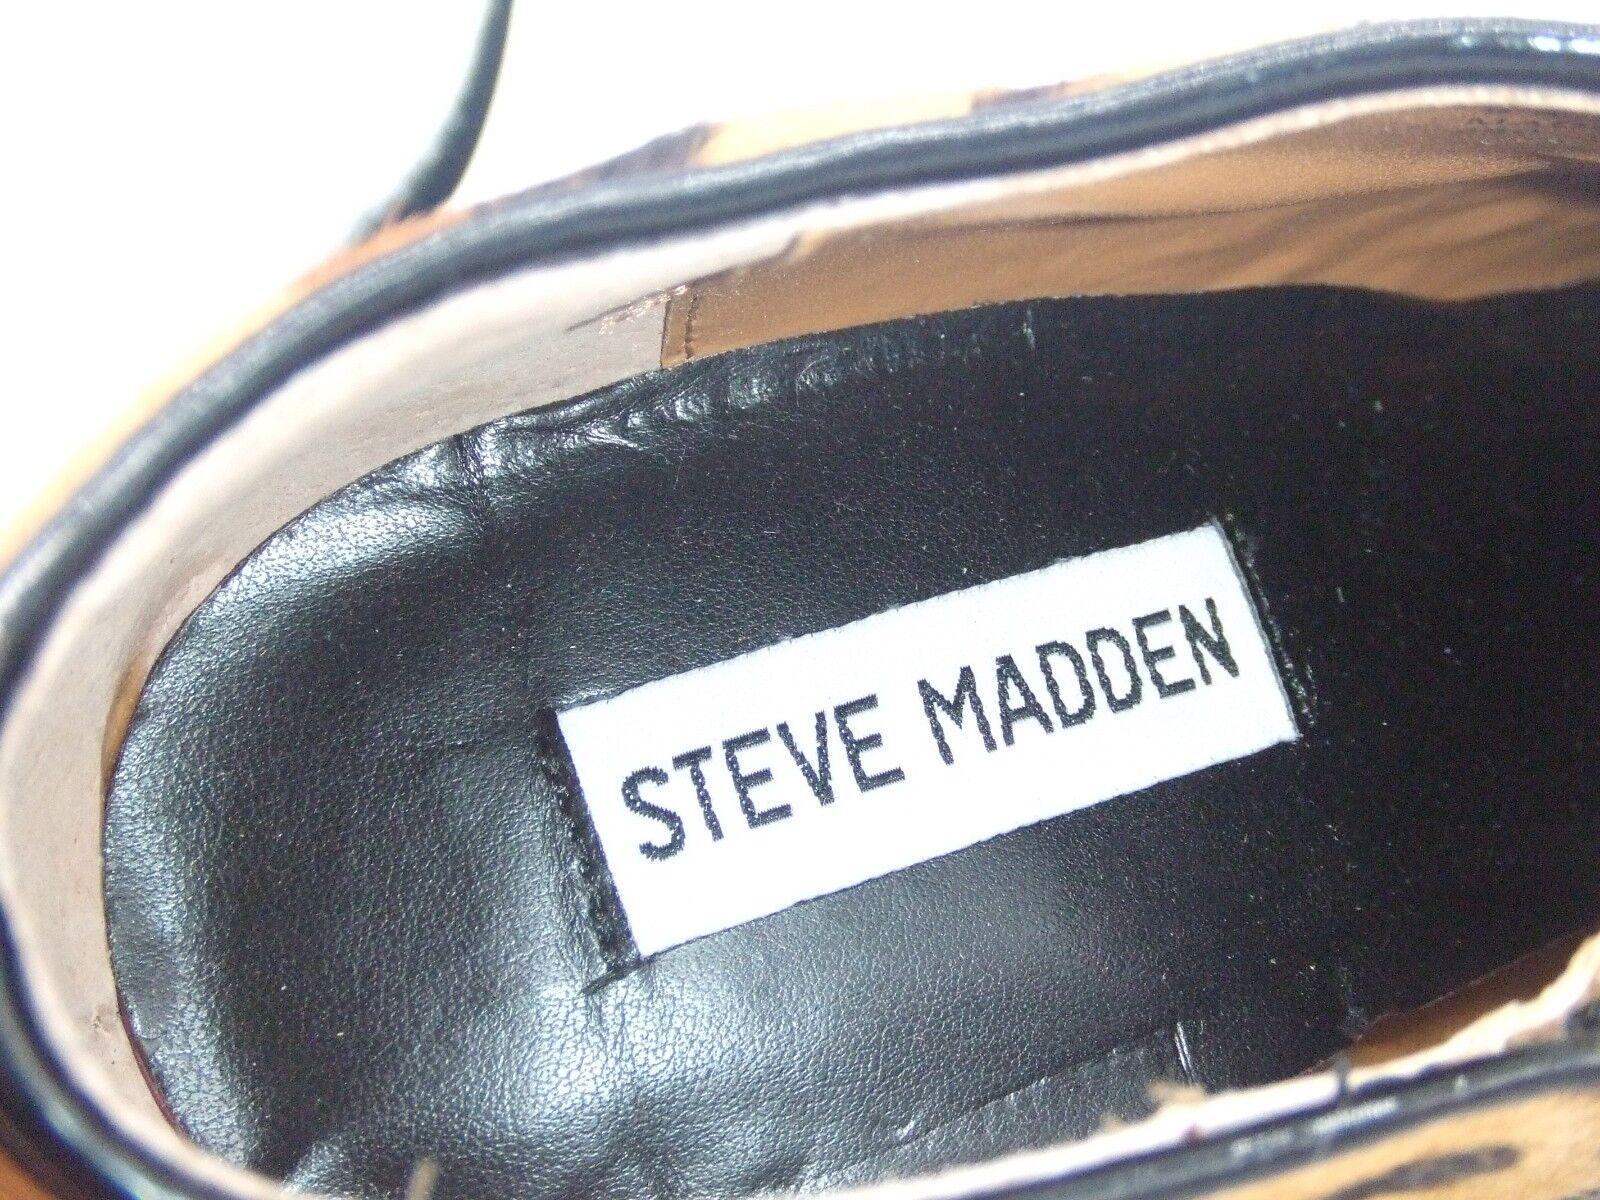 Steve Madden Talla 7 7 7 40 Vipper Estampado De Leopardo botas al Tobillo De Piel de poni de Cuero Real BN 90696c